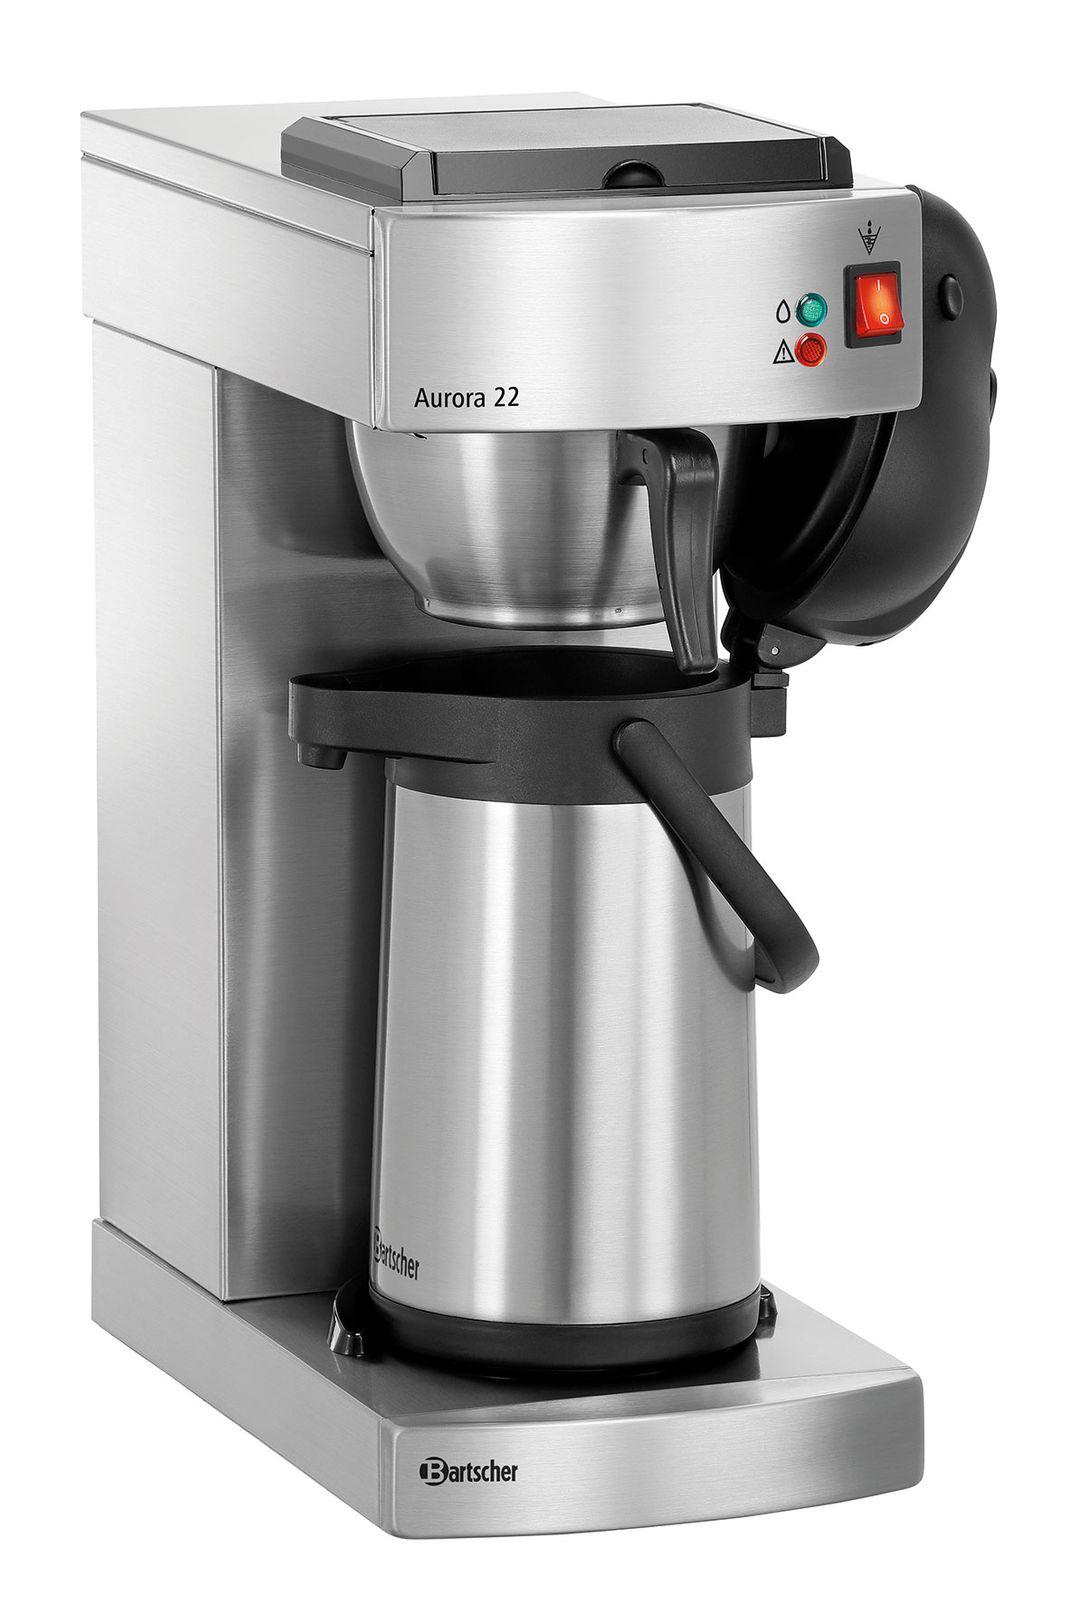 Bartscher Aurora 22 Kaffeemaschine inkl. Kanne 2l